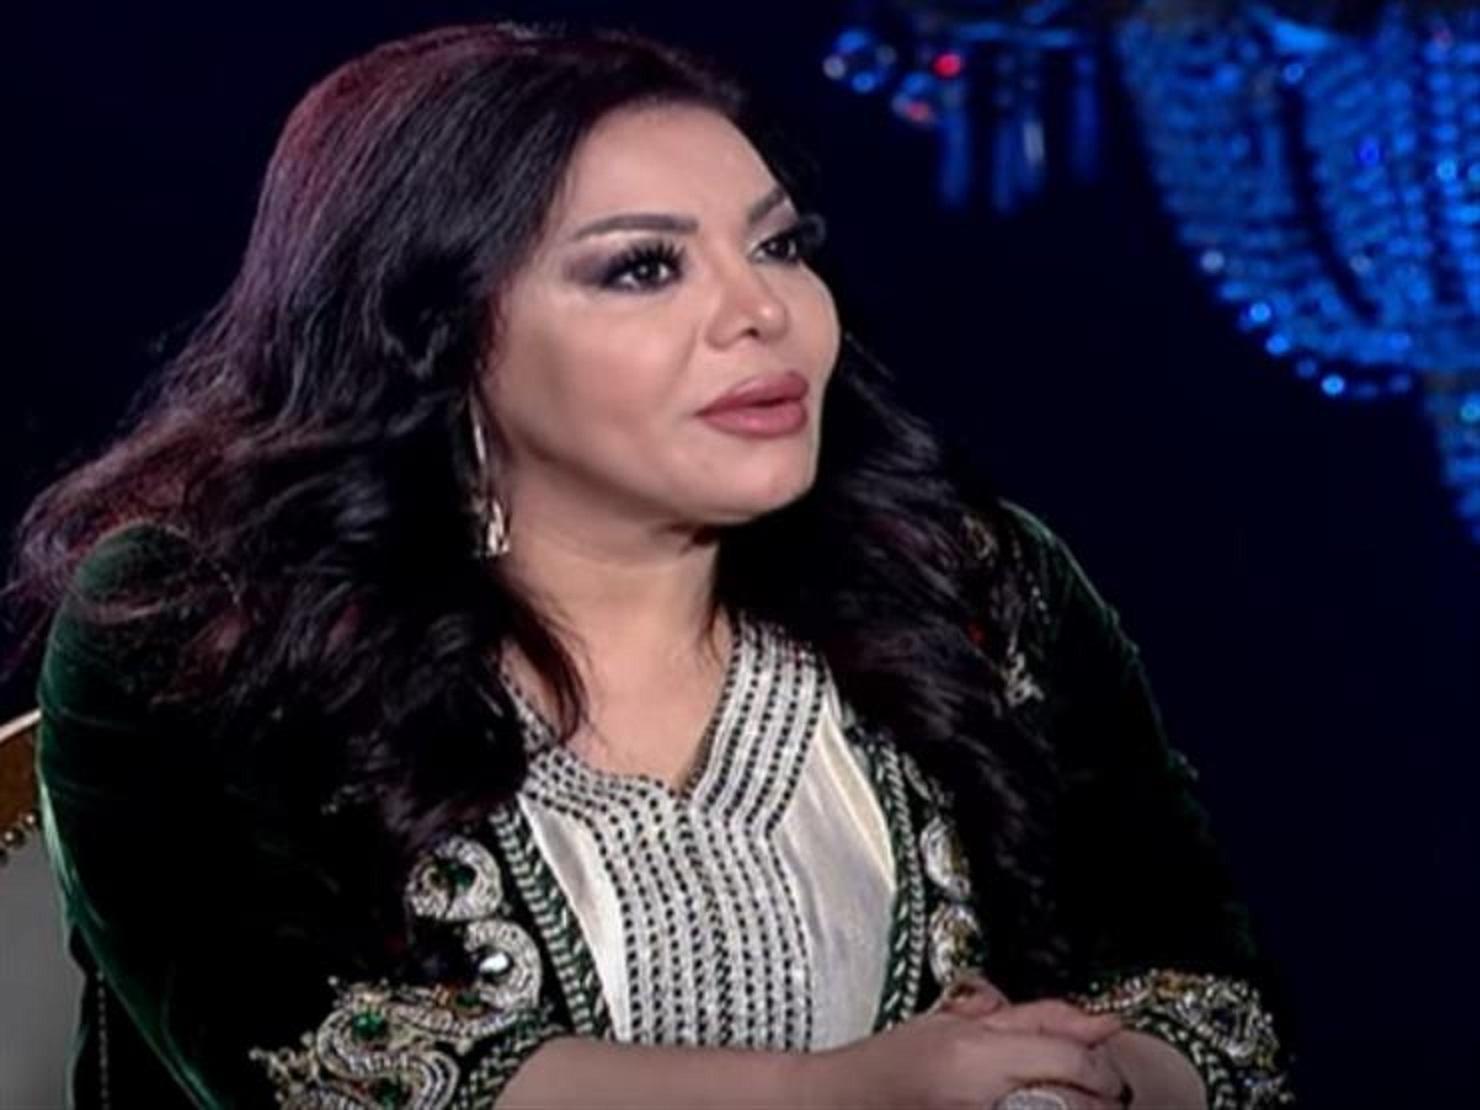 ليلي-غفران-ومحمد-رمضان-في-شيخ-الحارة-مع-بسمة-وهبة- (2)